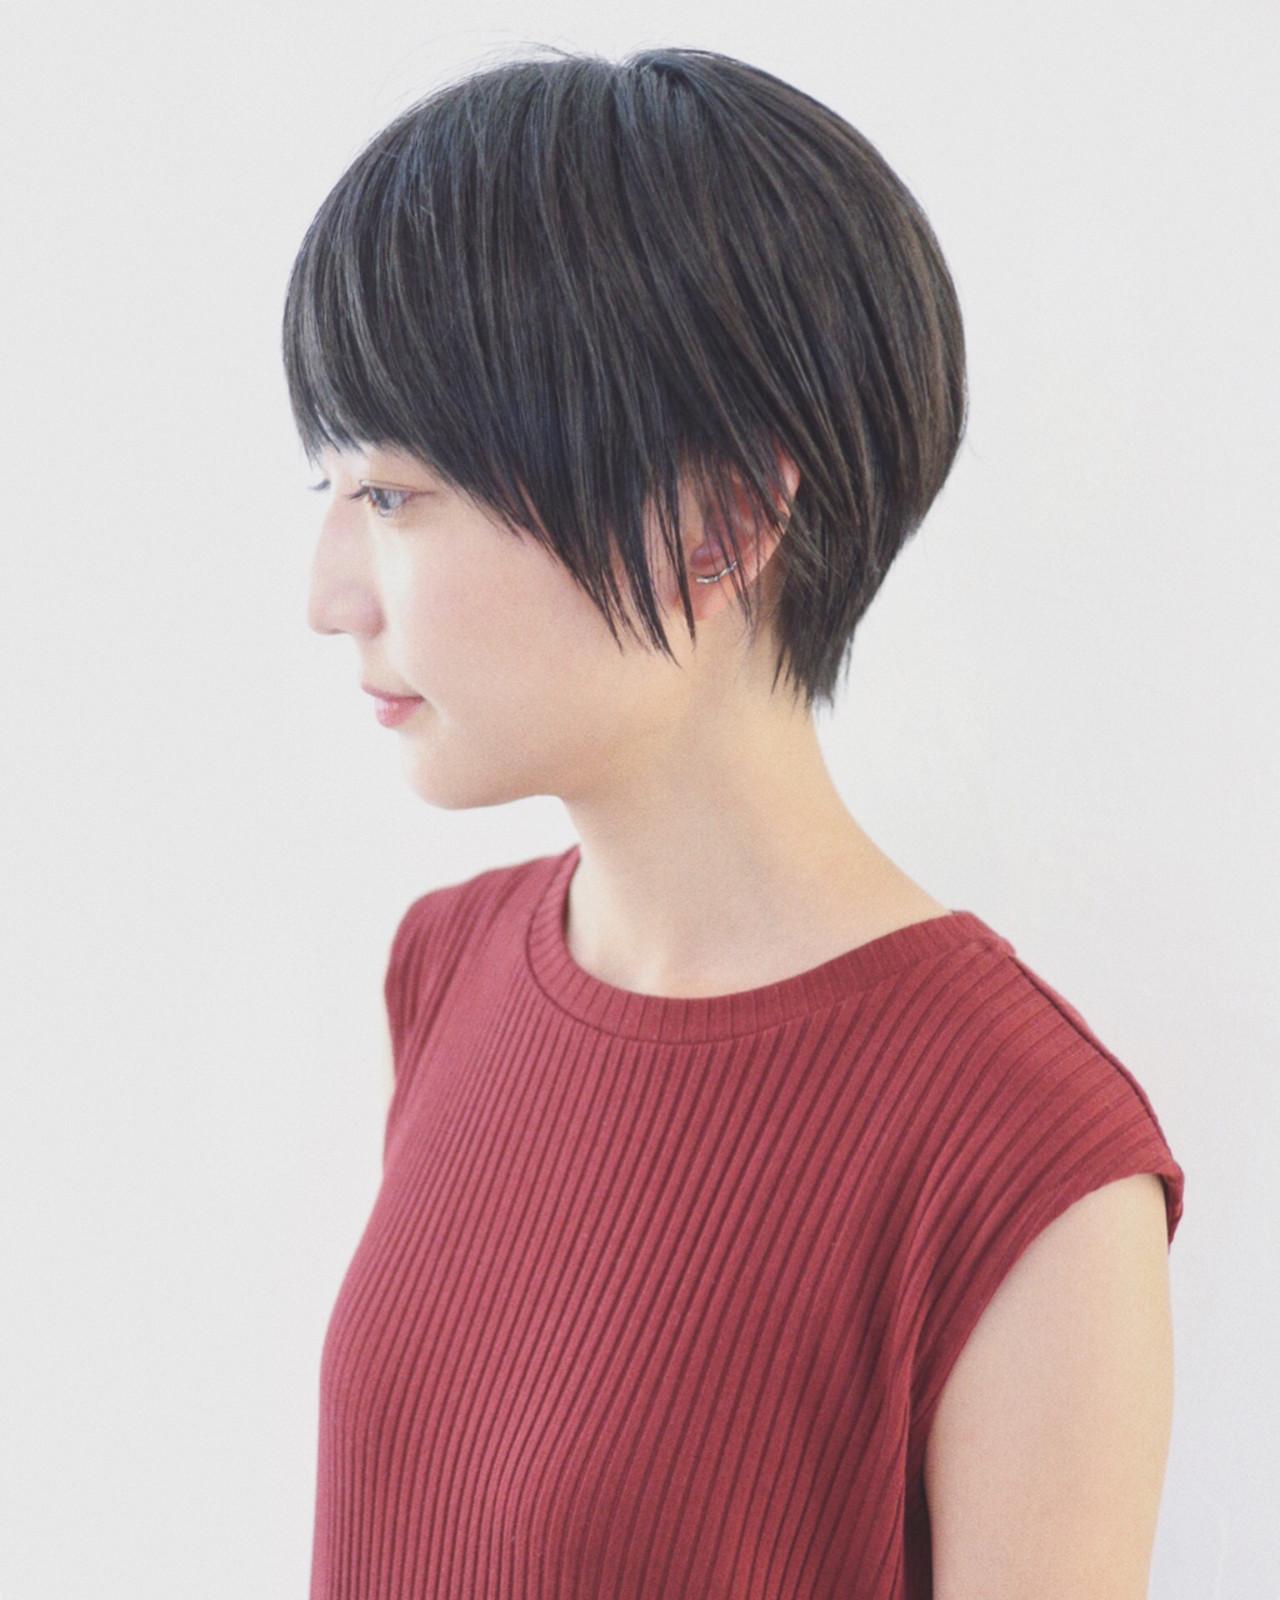 清潔感のあるストレート黒髪ショート 三好 佳奈美